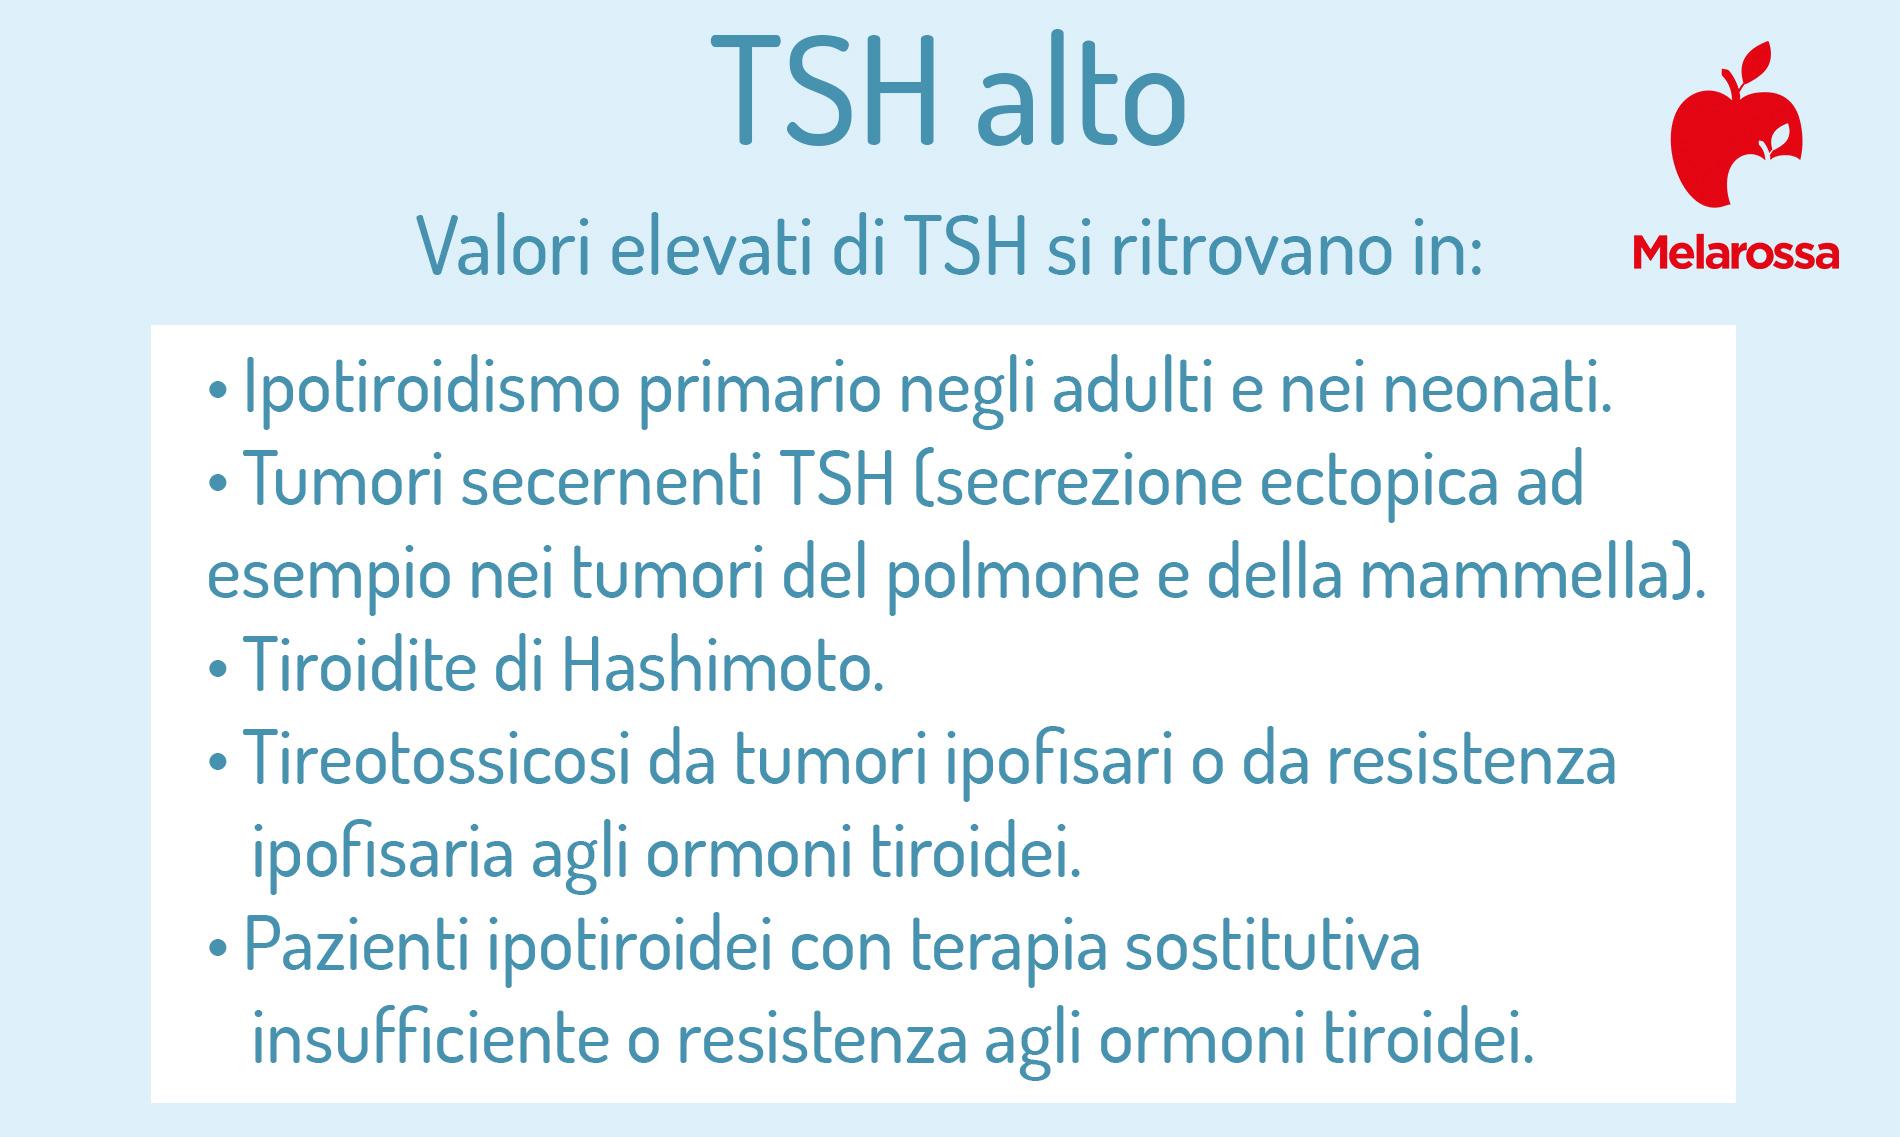 TSH alto cosa vuole dire